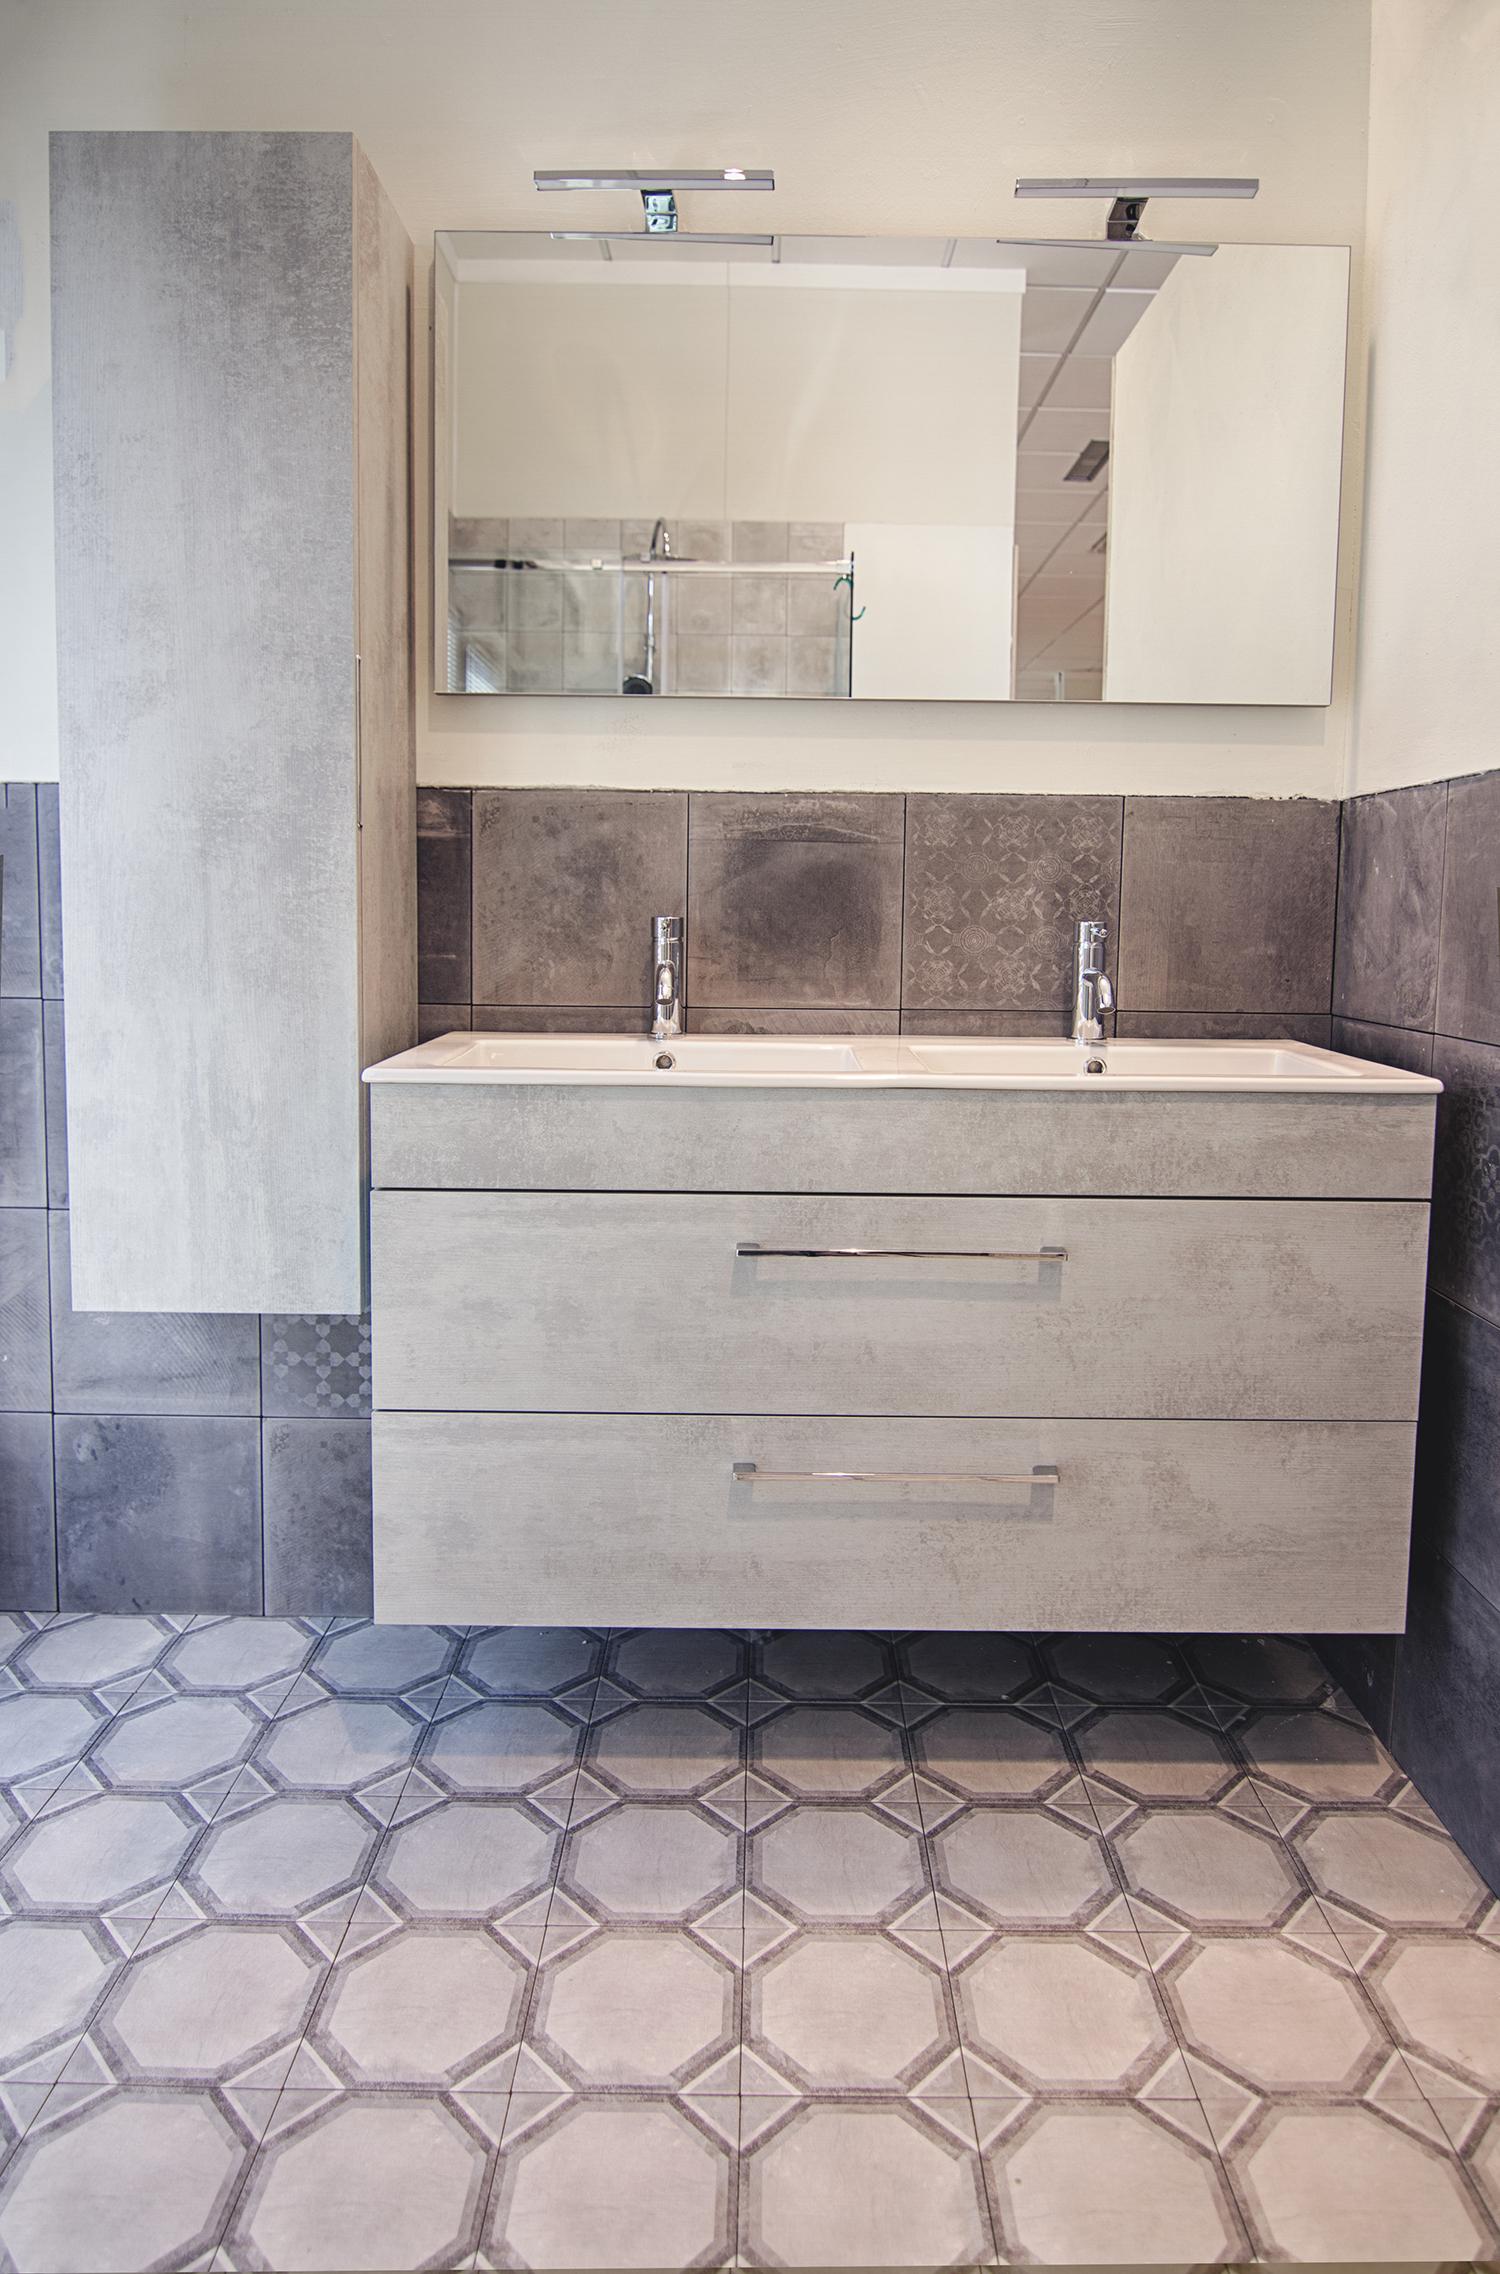 Bagno Mobili E Accessori.Mobile Due Lavabi Specchio E Colonna Reversibile